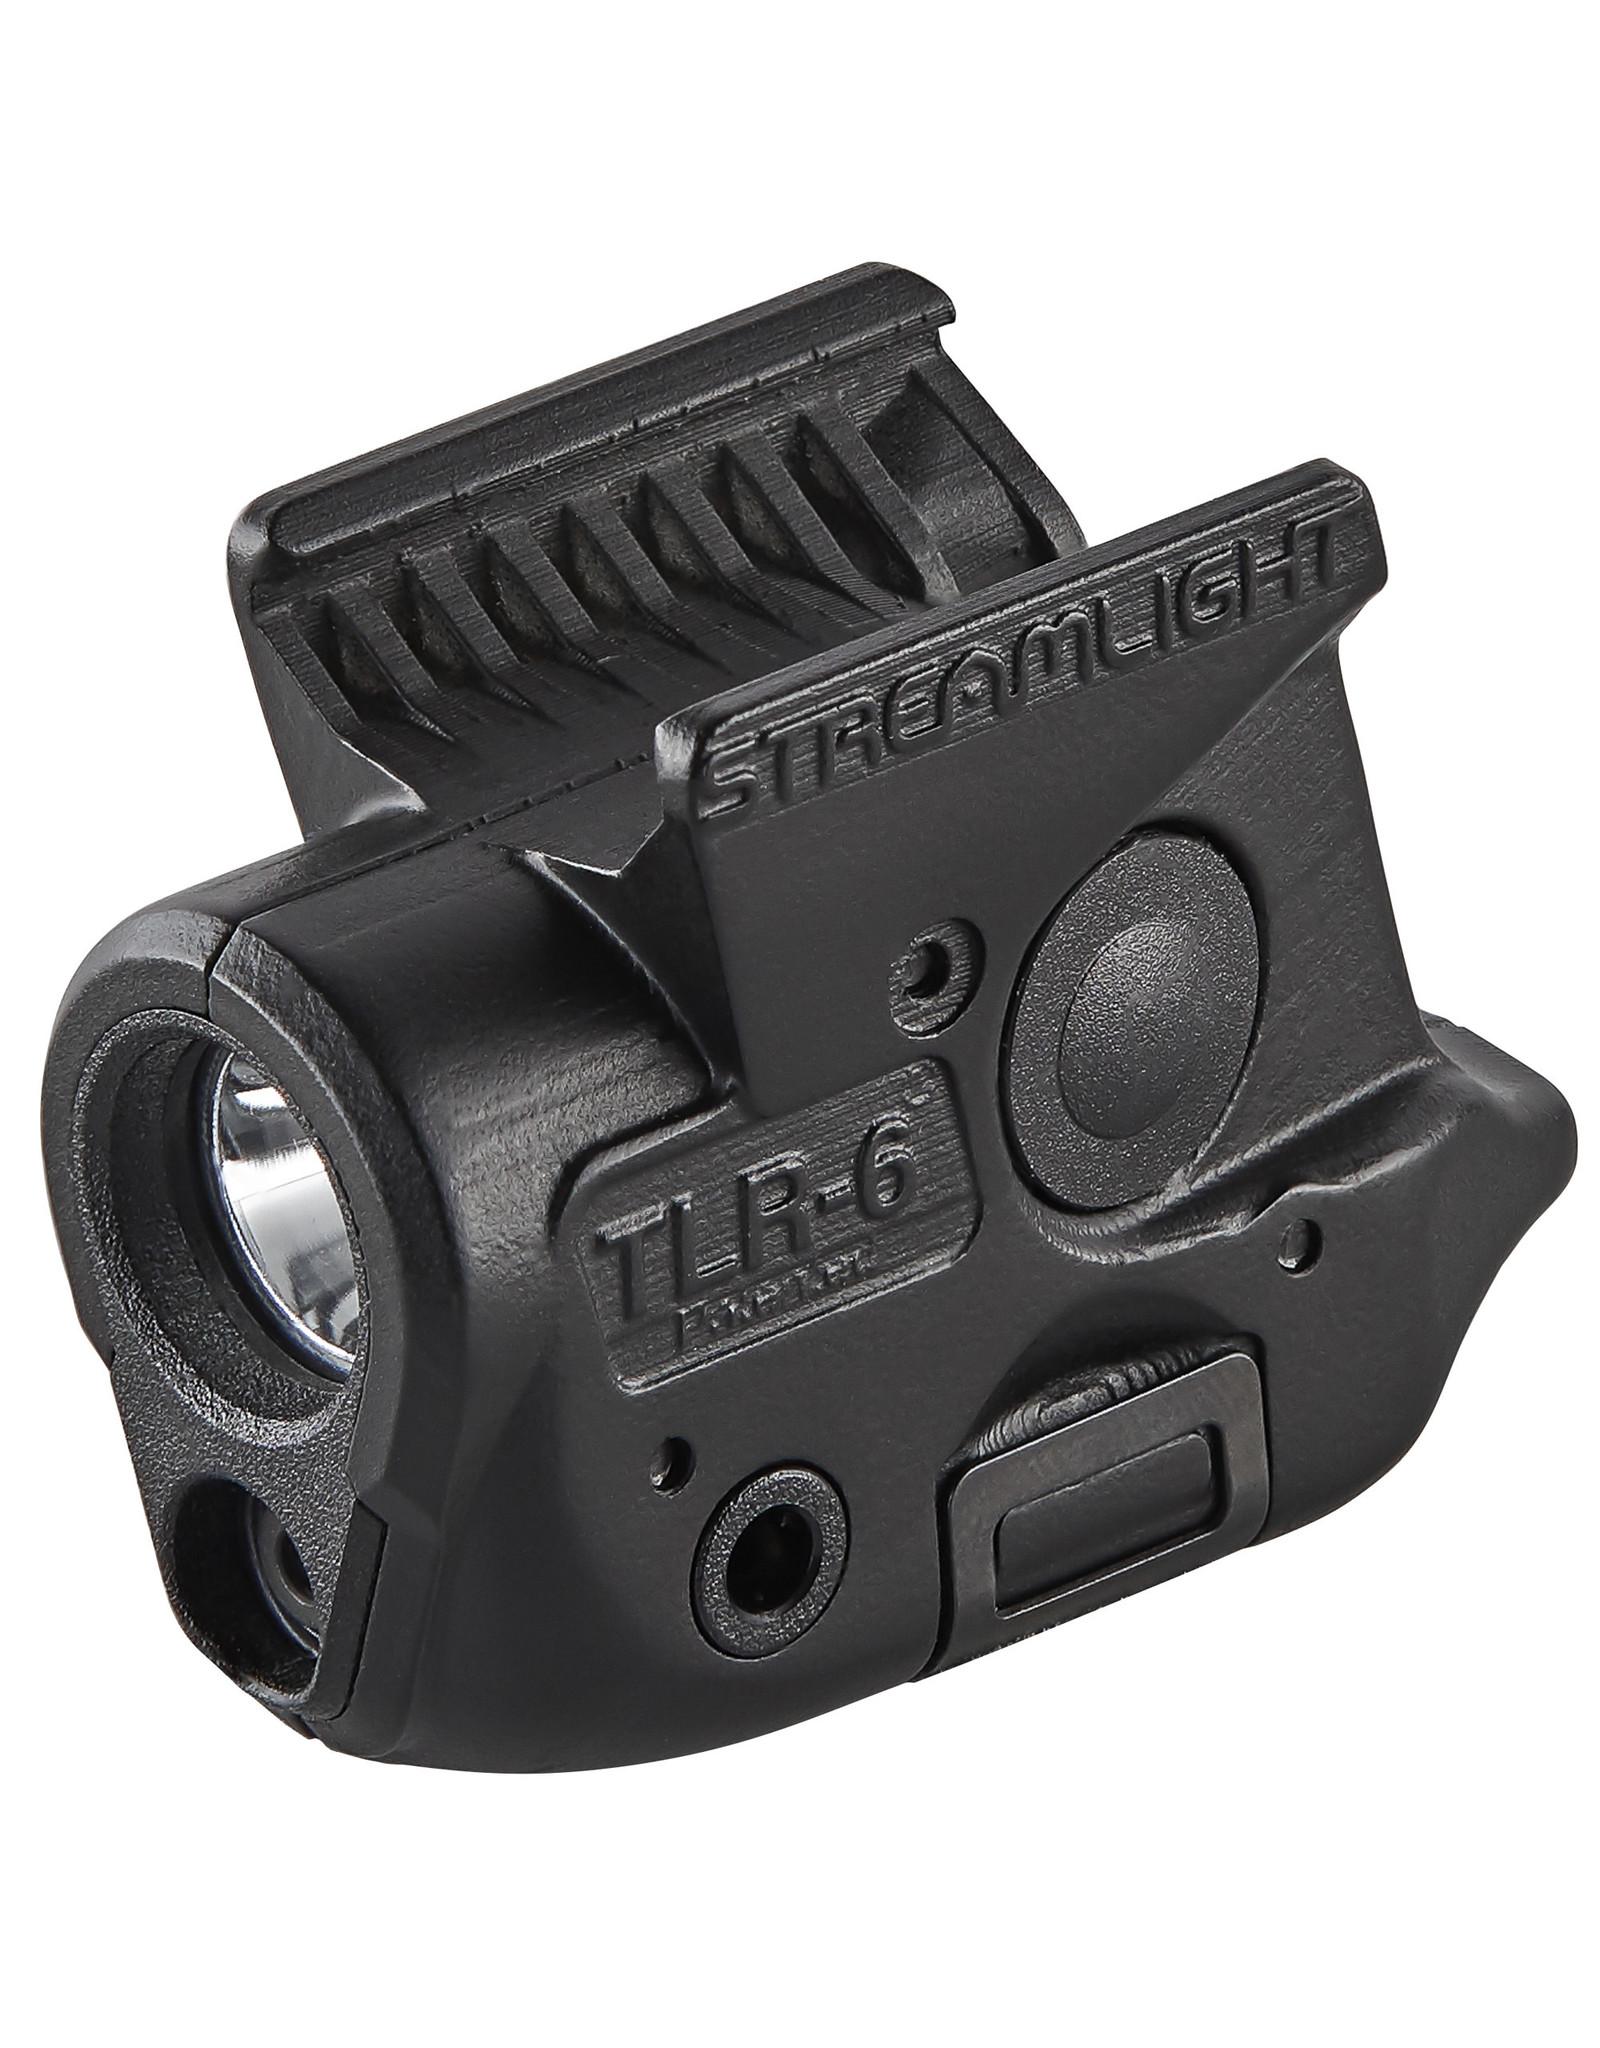 Streamlight Streamlight - TLR-6 Light/Laser - Sig P365